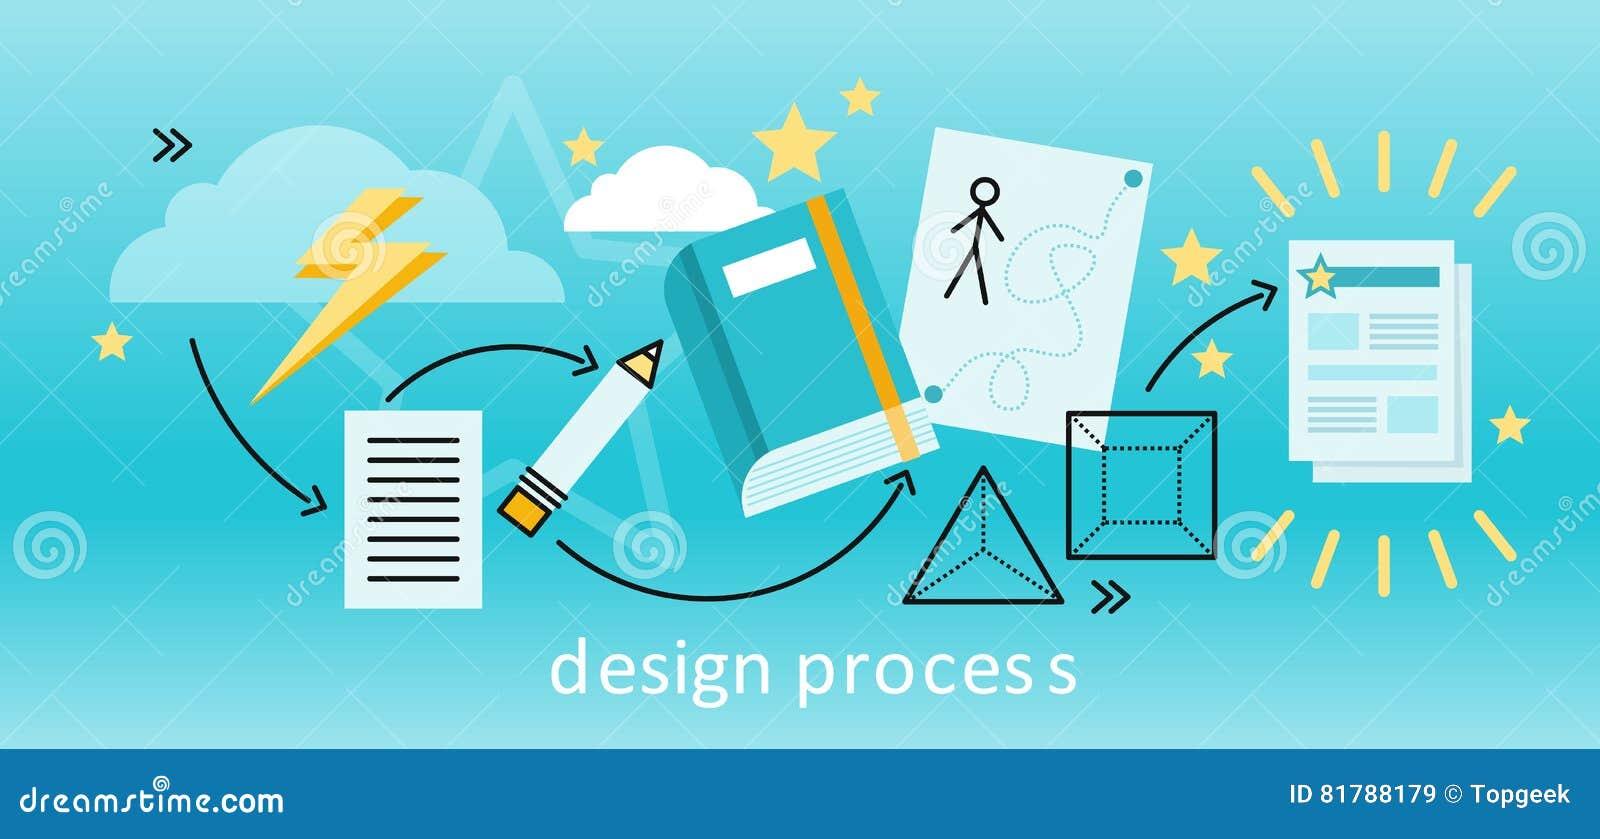 Concept de processus de conception